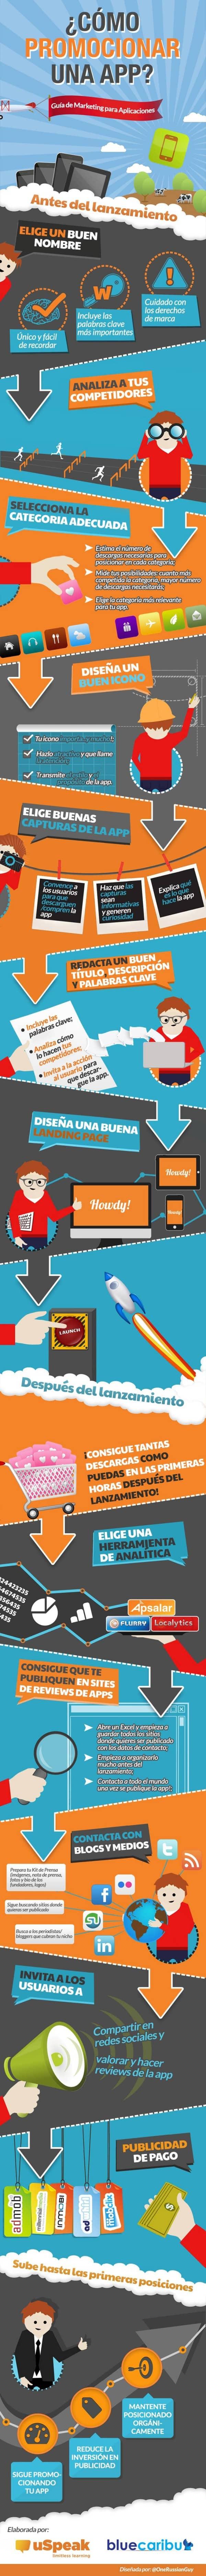 Promocionar aplicación móvil